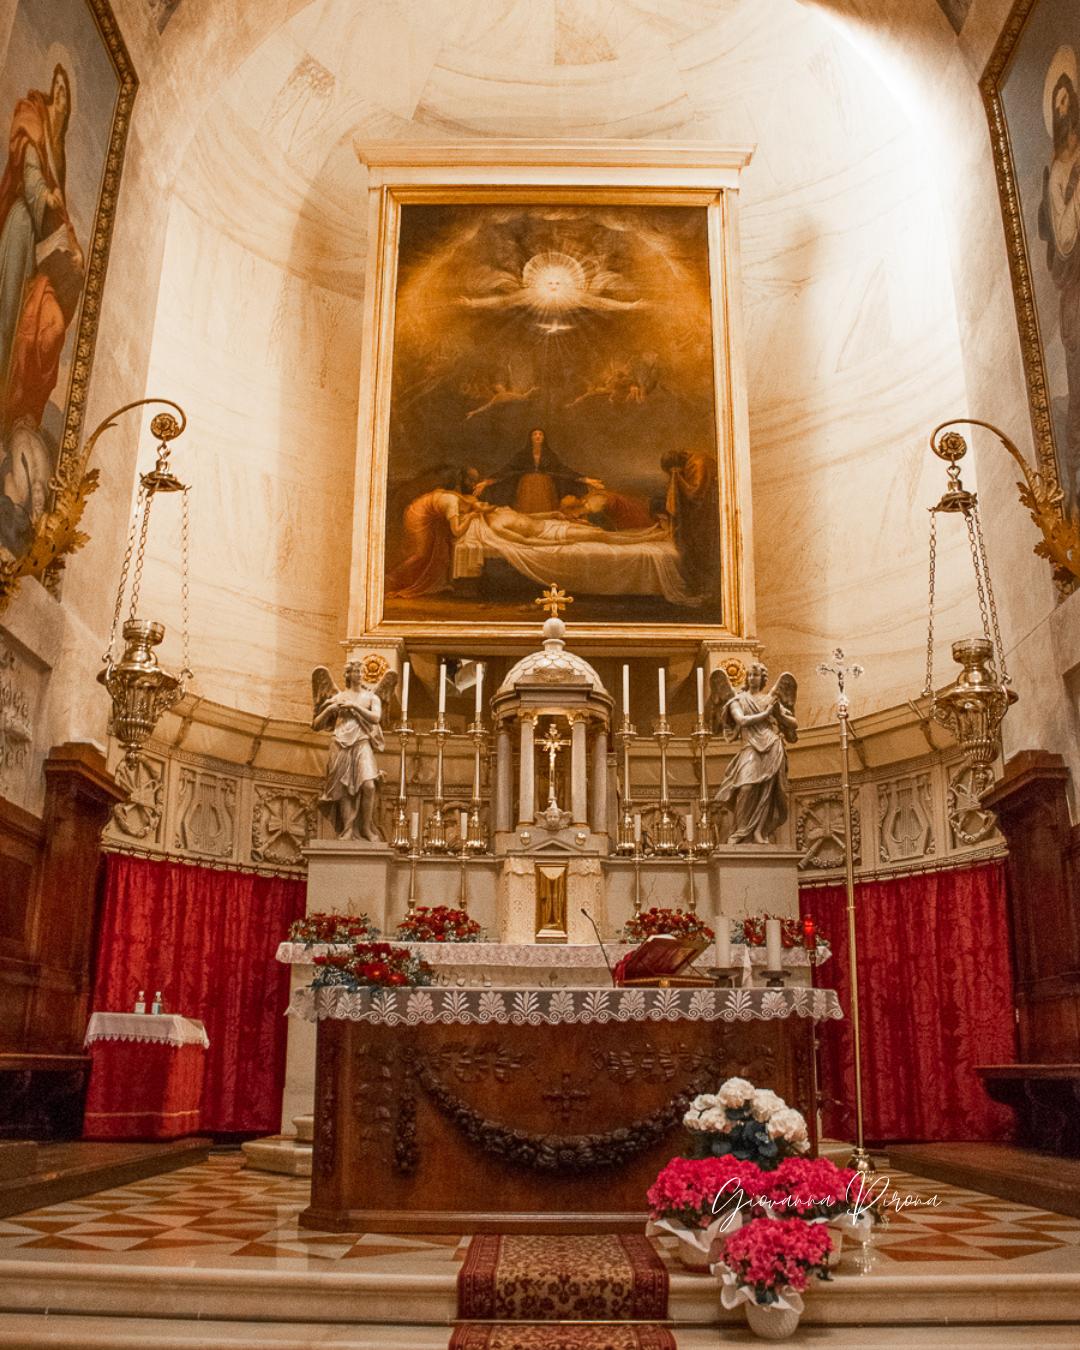 Altare maggiore del Tempio di Canova a Possagno